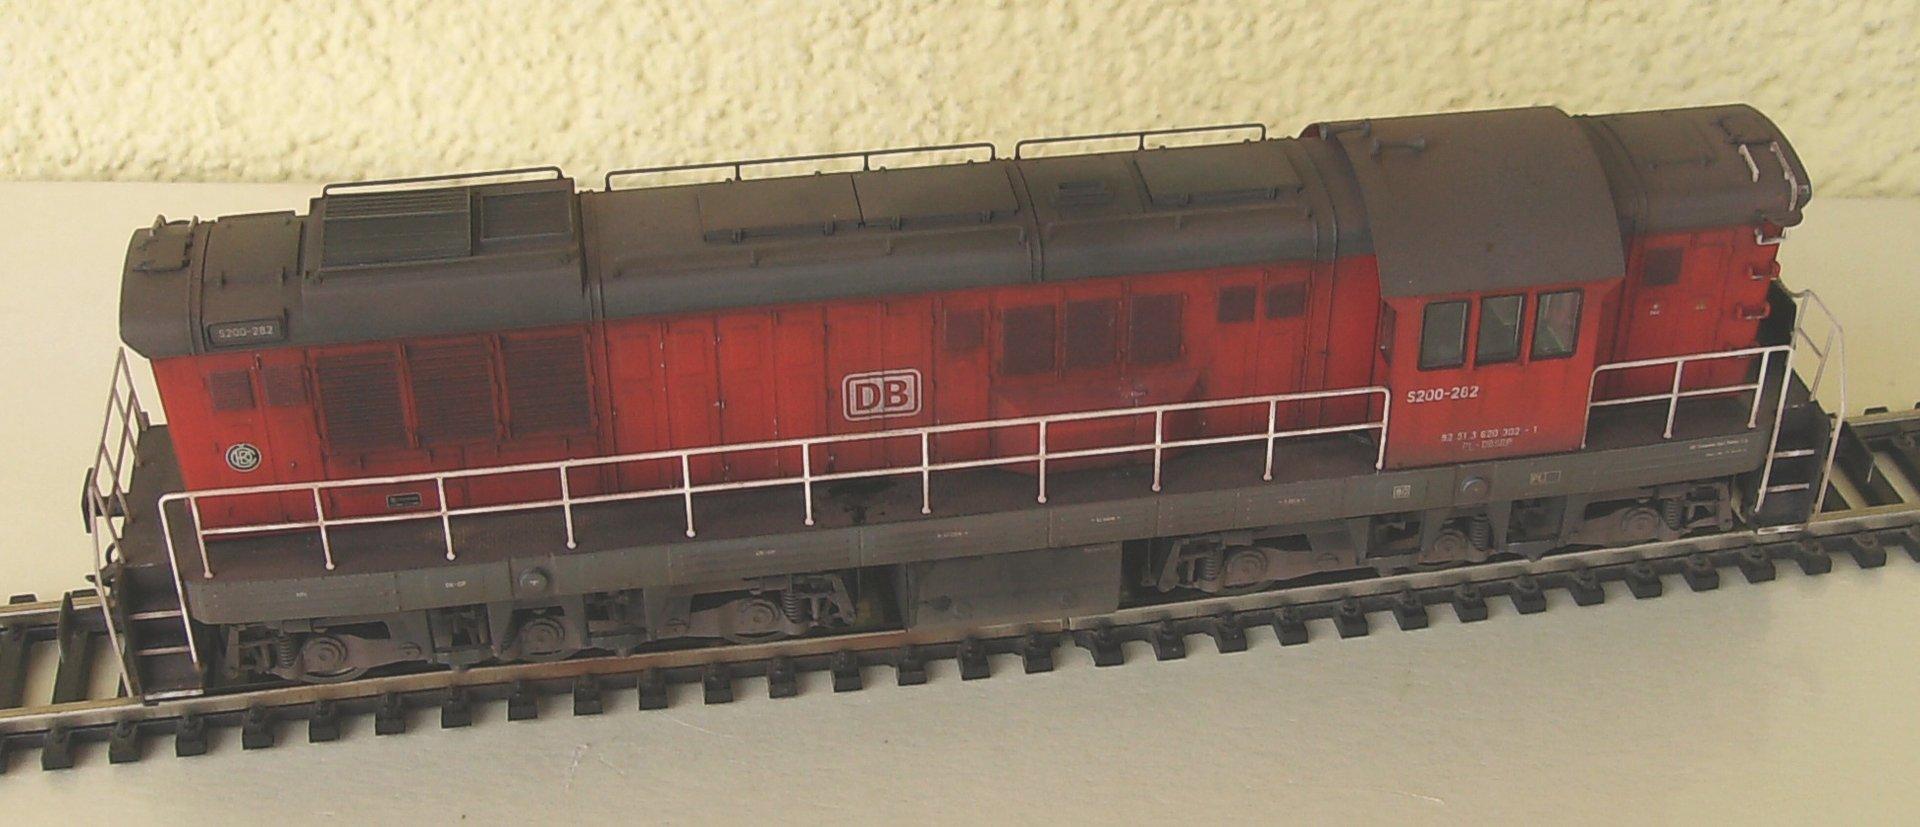 HPIM9526.JPG